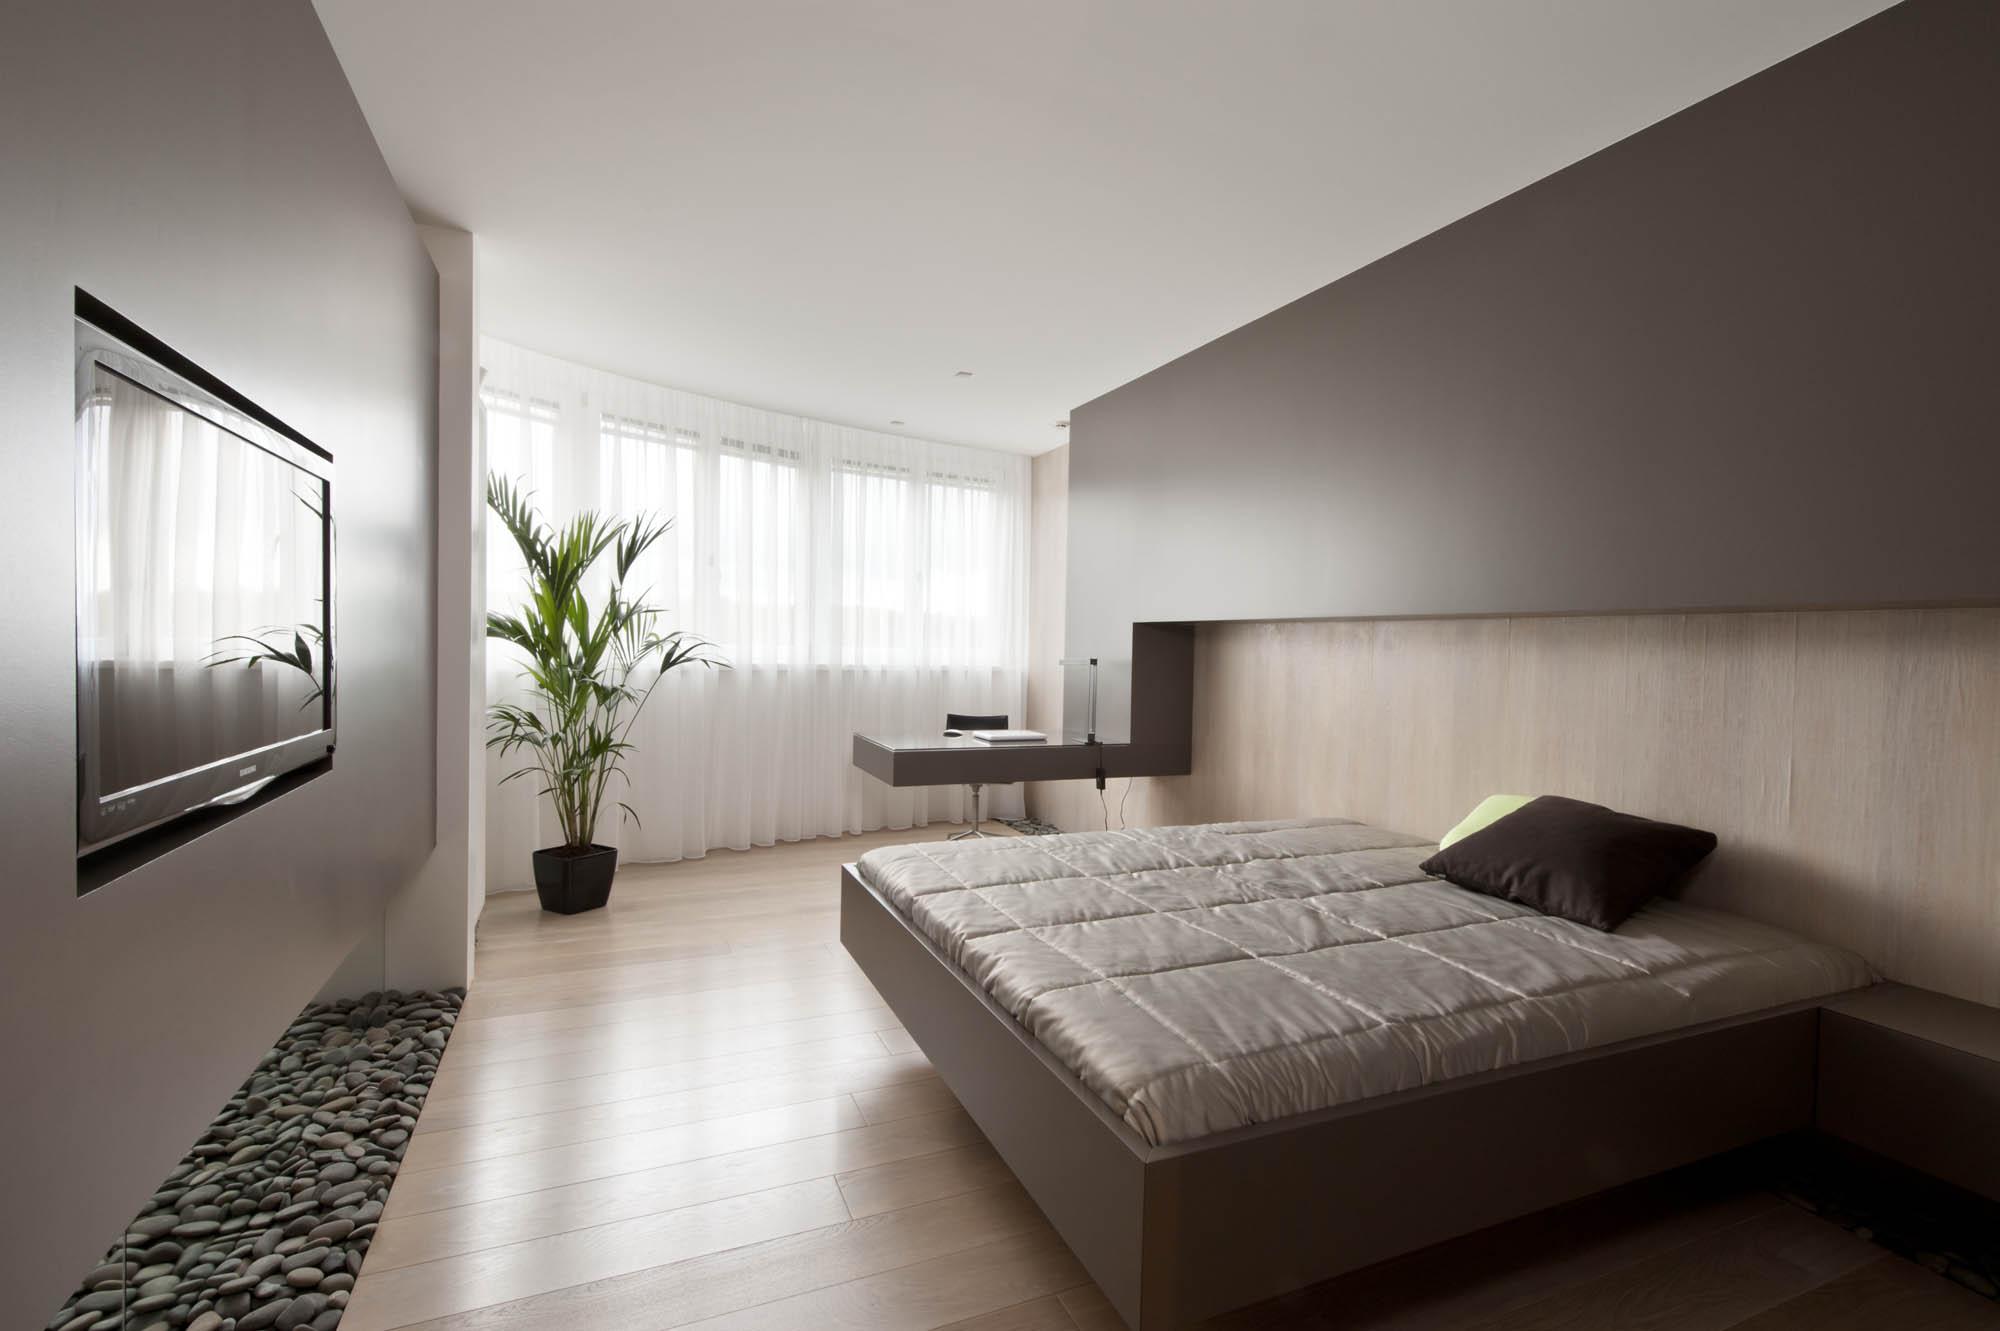 View In Gallery Hiasan Bilik Tidur Moden Dengan Warna Brown Dan Lantai Kayu